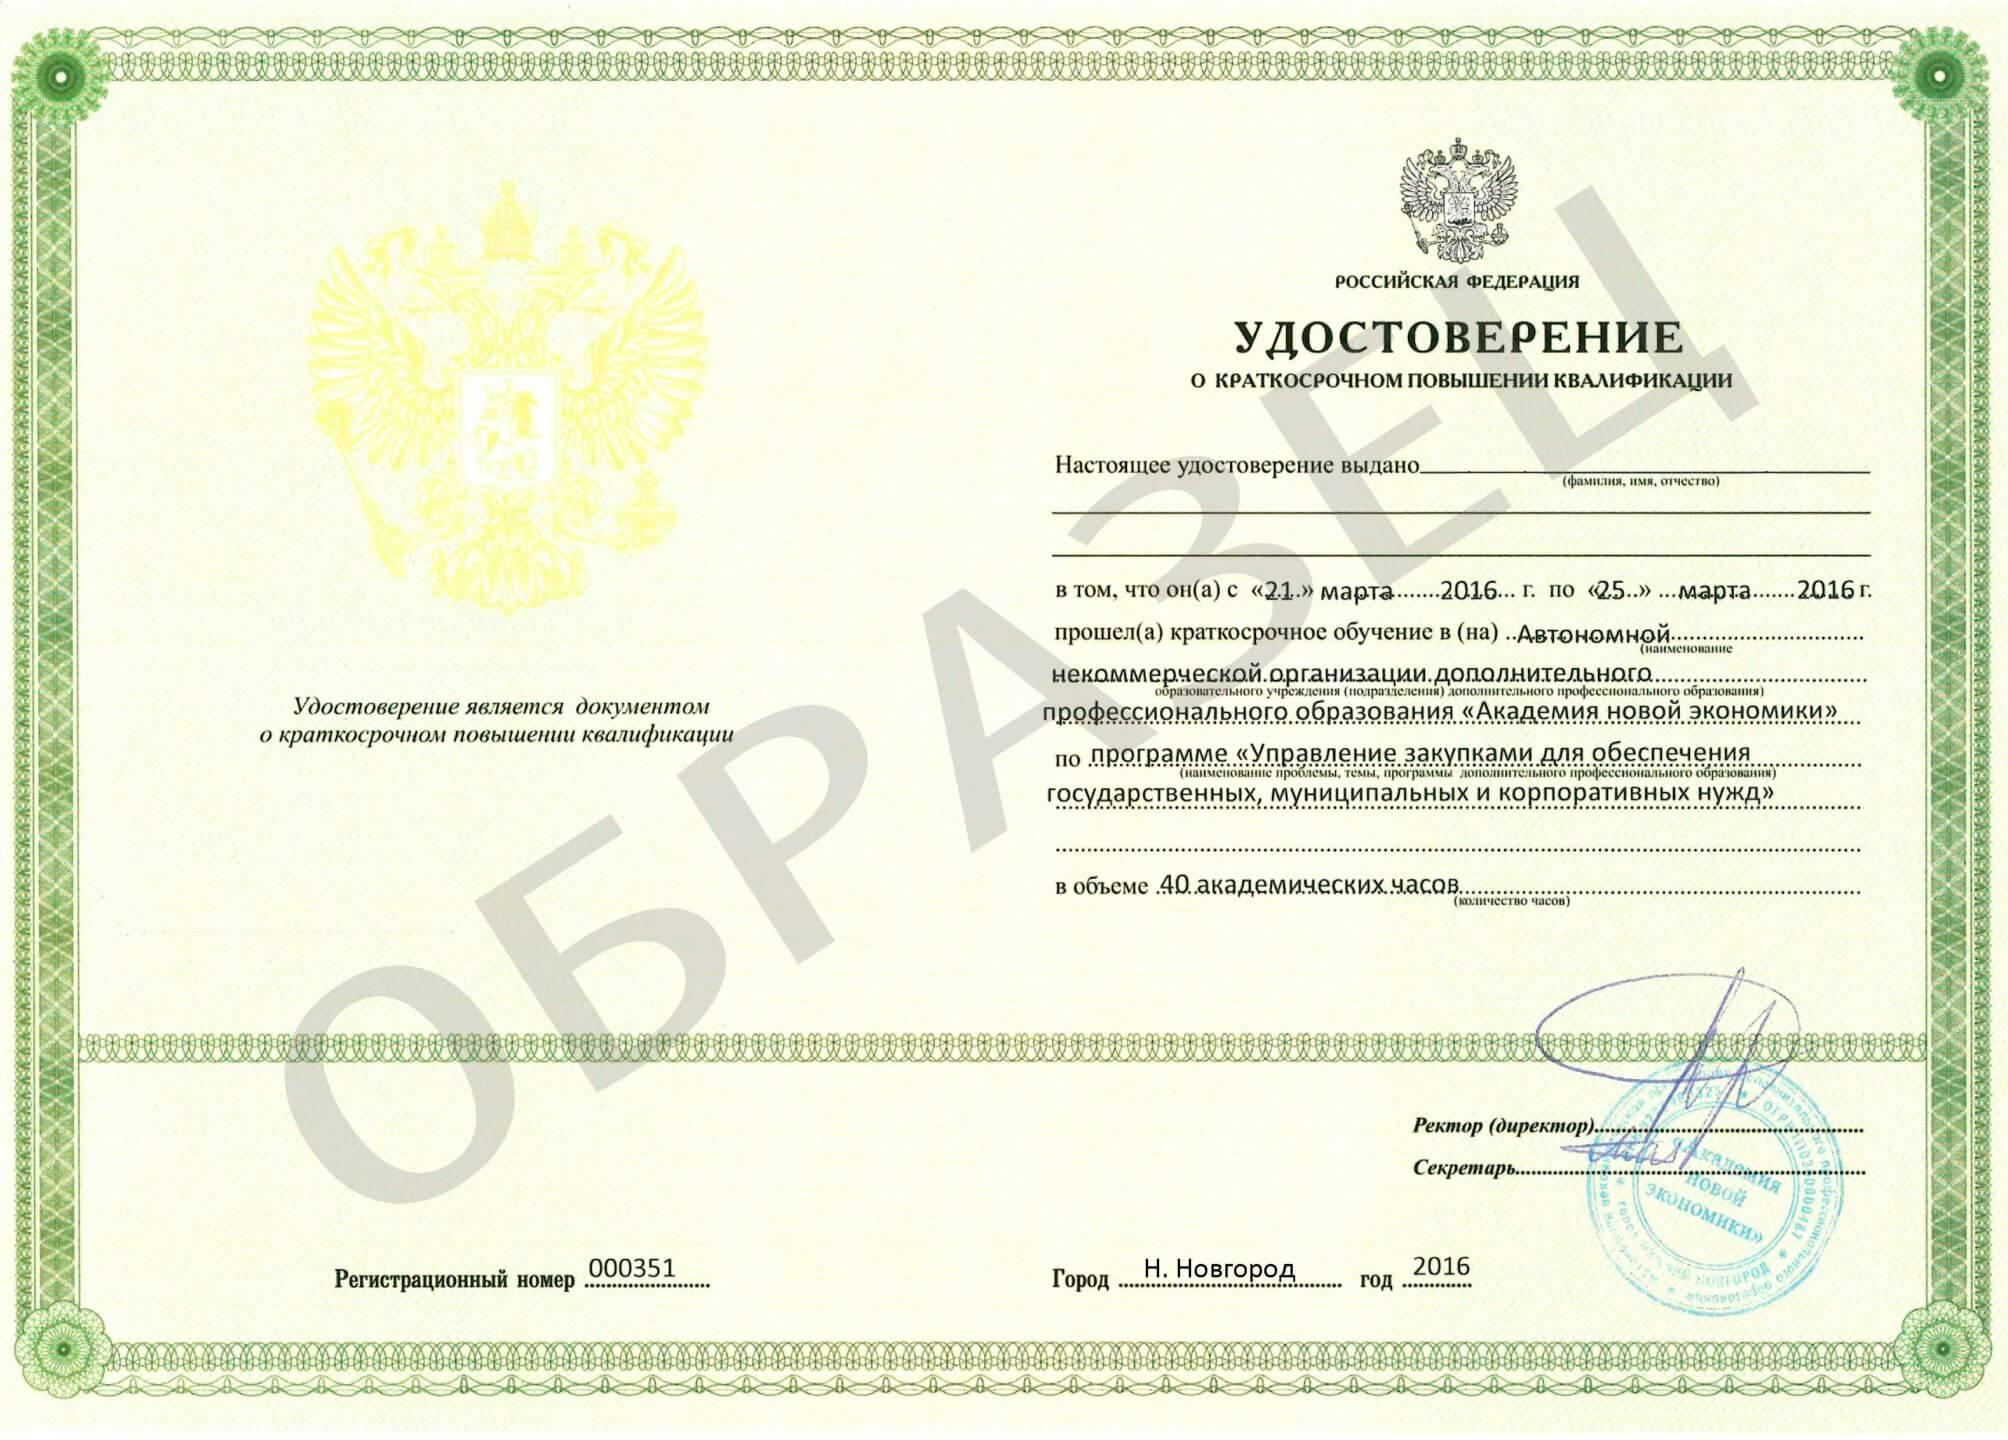 Удостоверение по 44 ФЗ и 223 ФЗ на 40 часов краткосрочное повышение квалификации